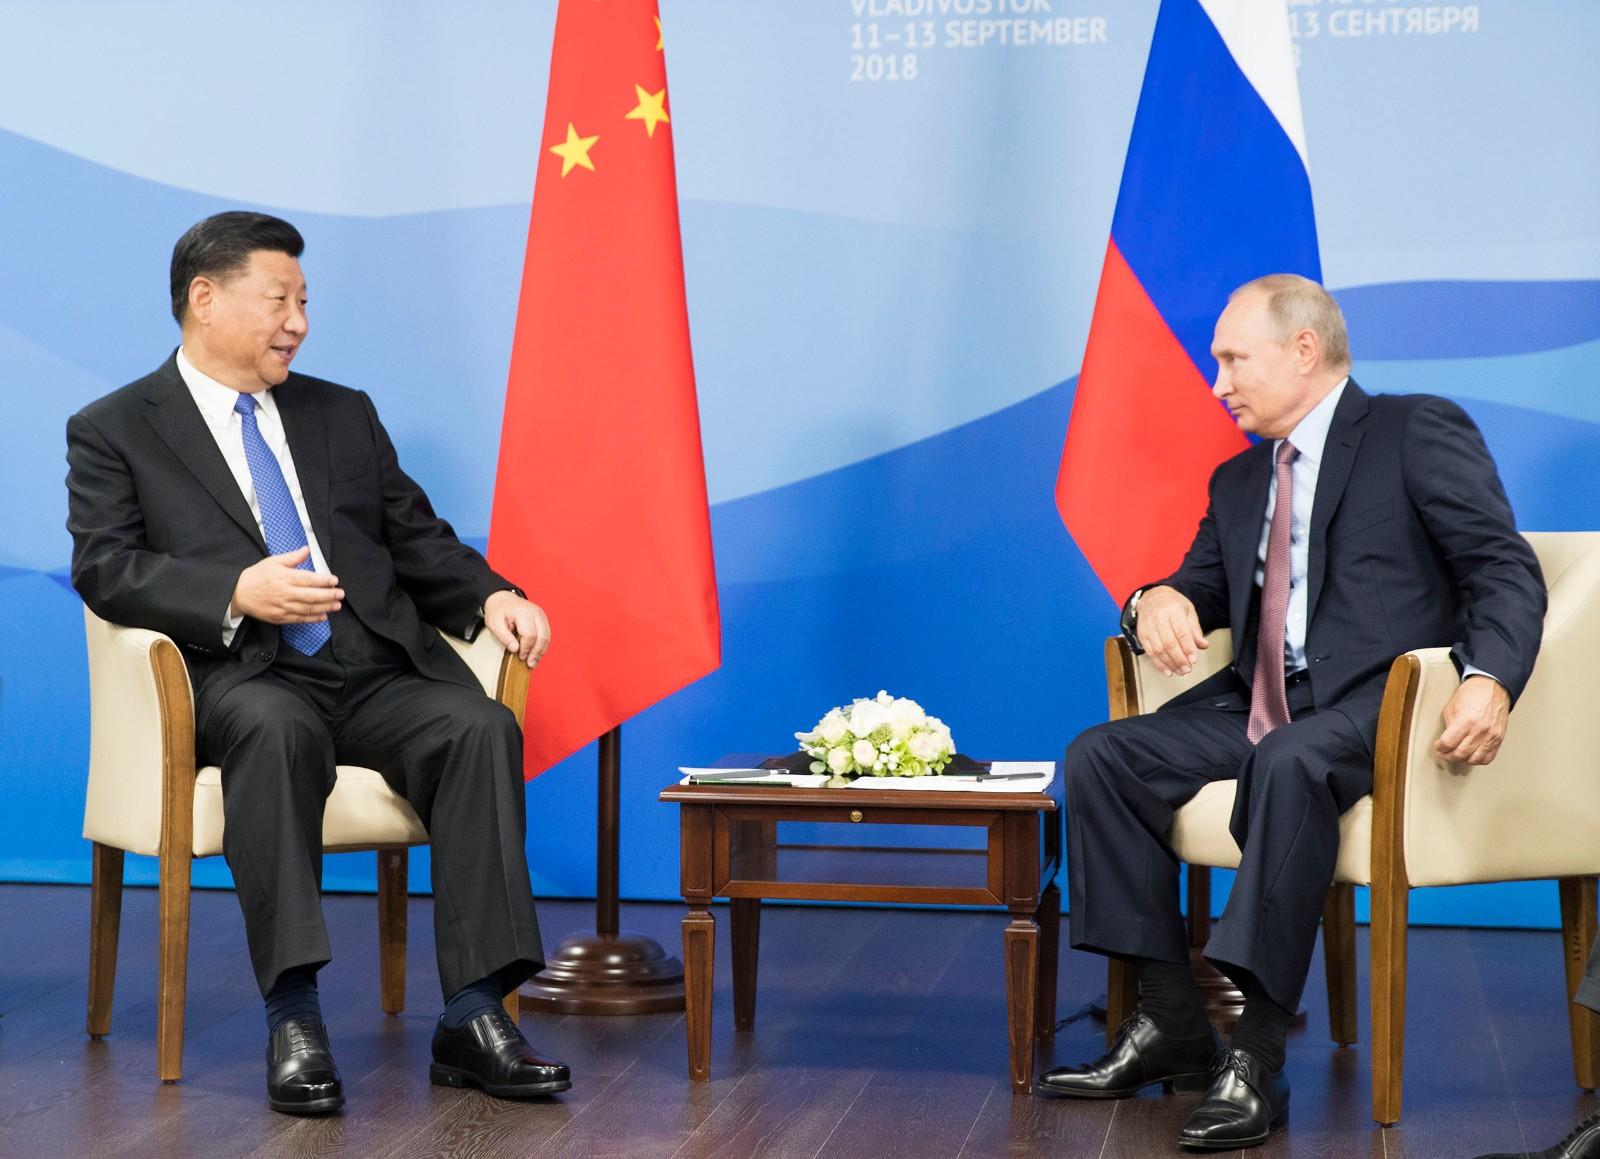 今年第三次!习近平和普京又见面了